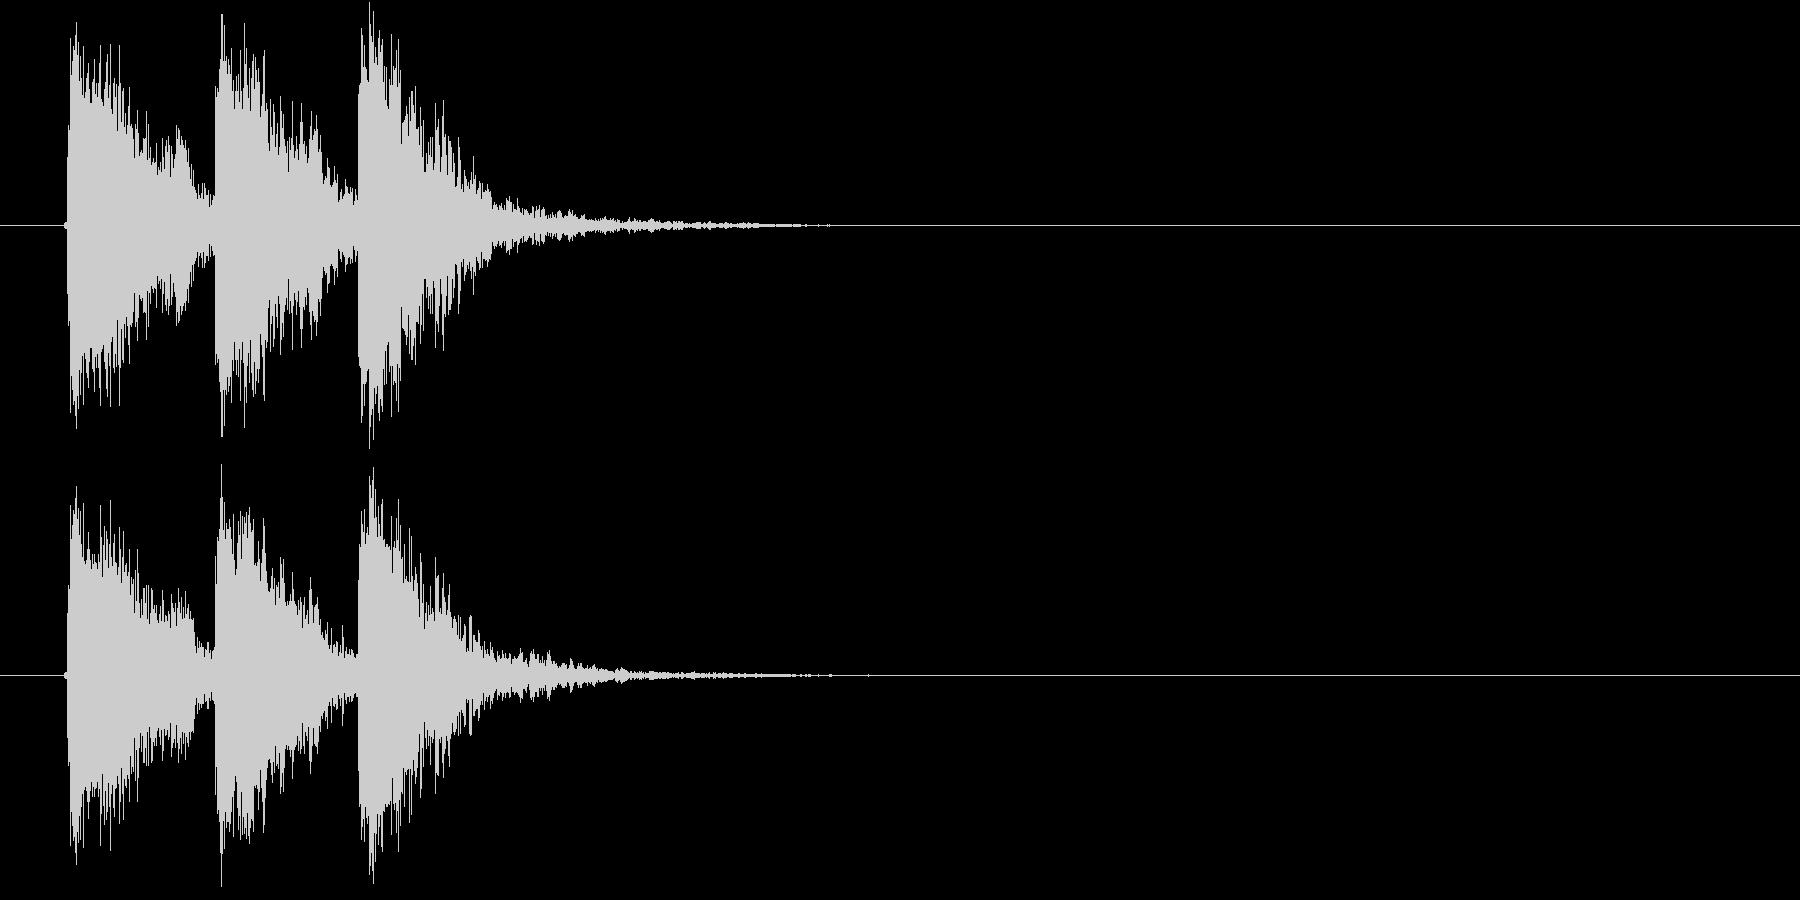 迫力のある効果音の未再生の波形